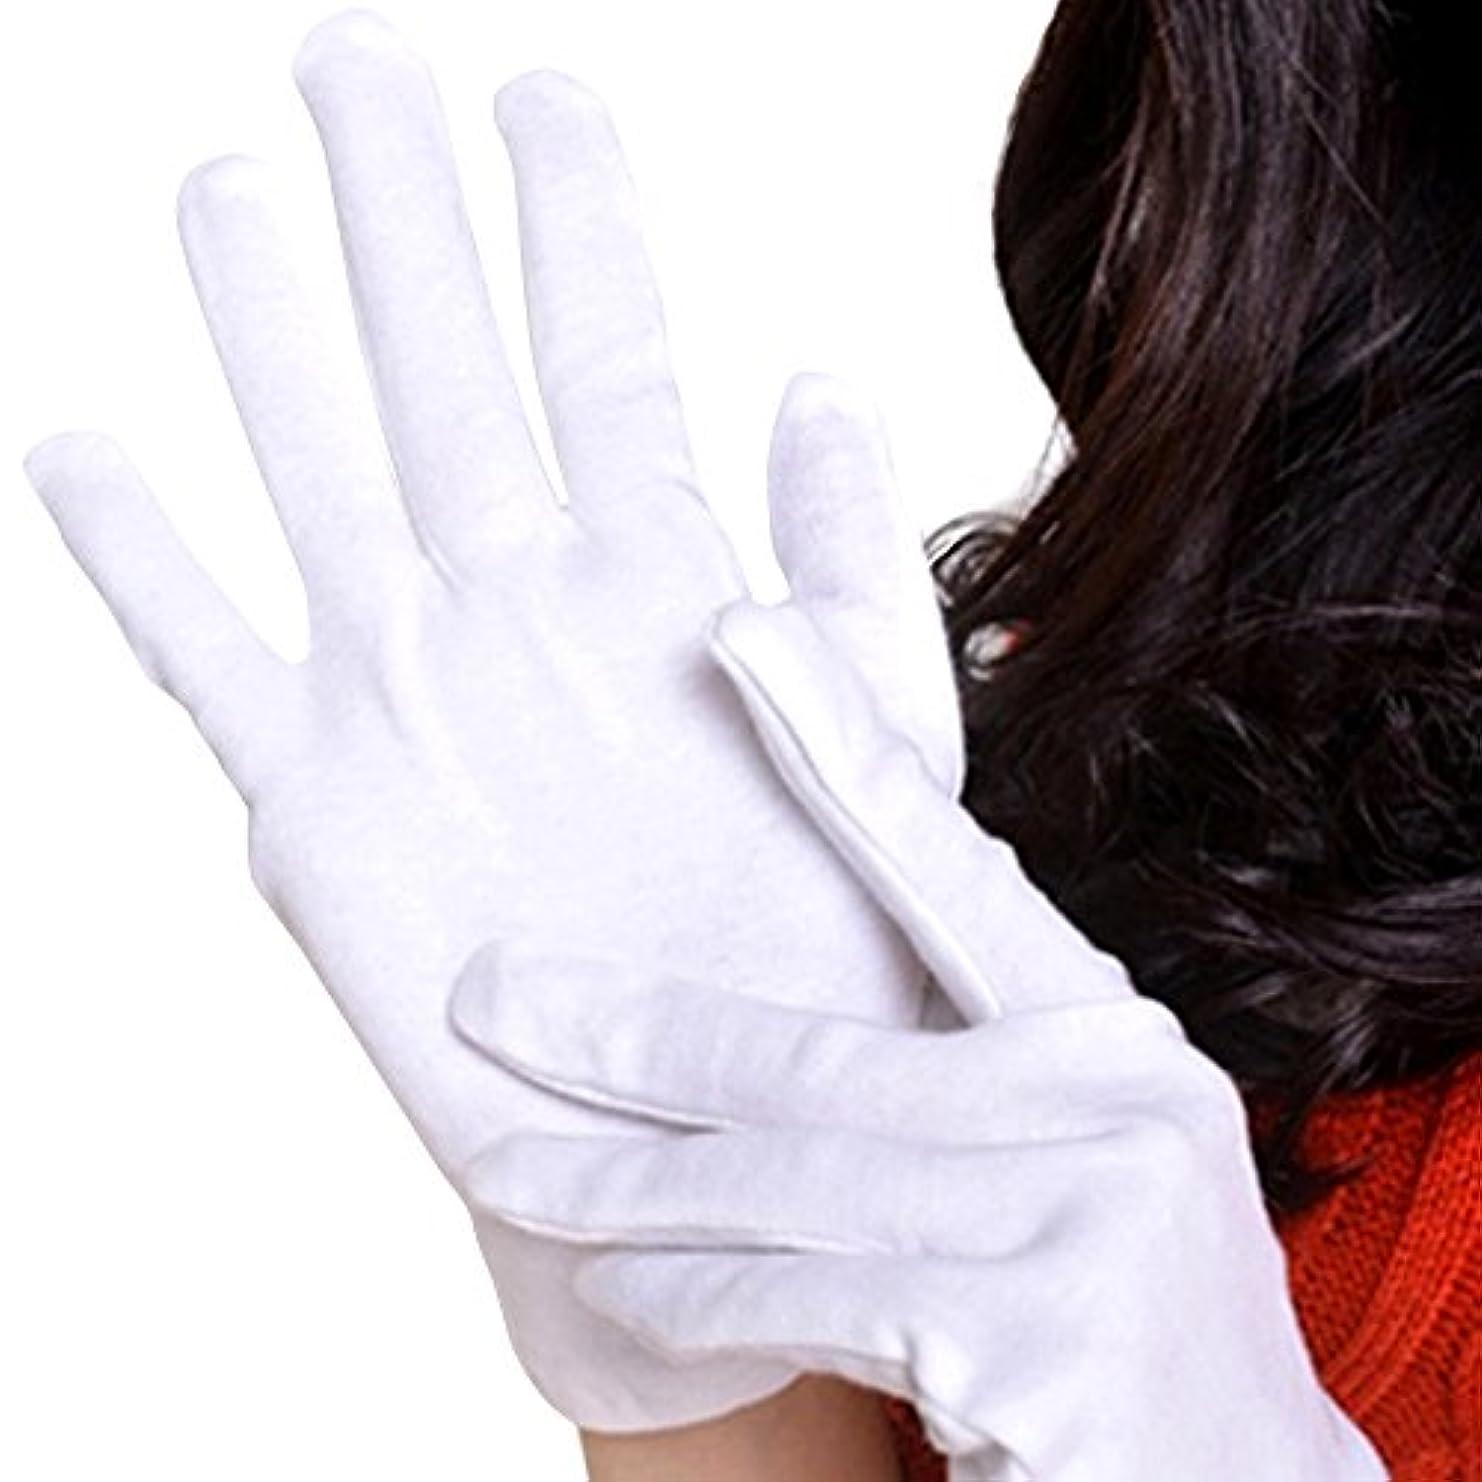 リンケージ専門徐々に【Lucky Style】 おやすみ 手袋 綿 コットン 100% 12双組 L サイズ 白